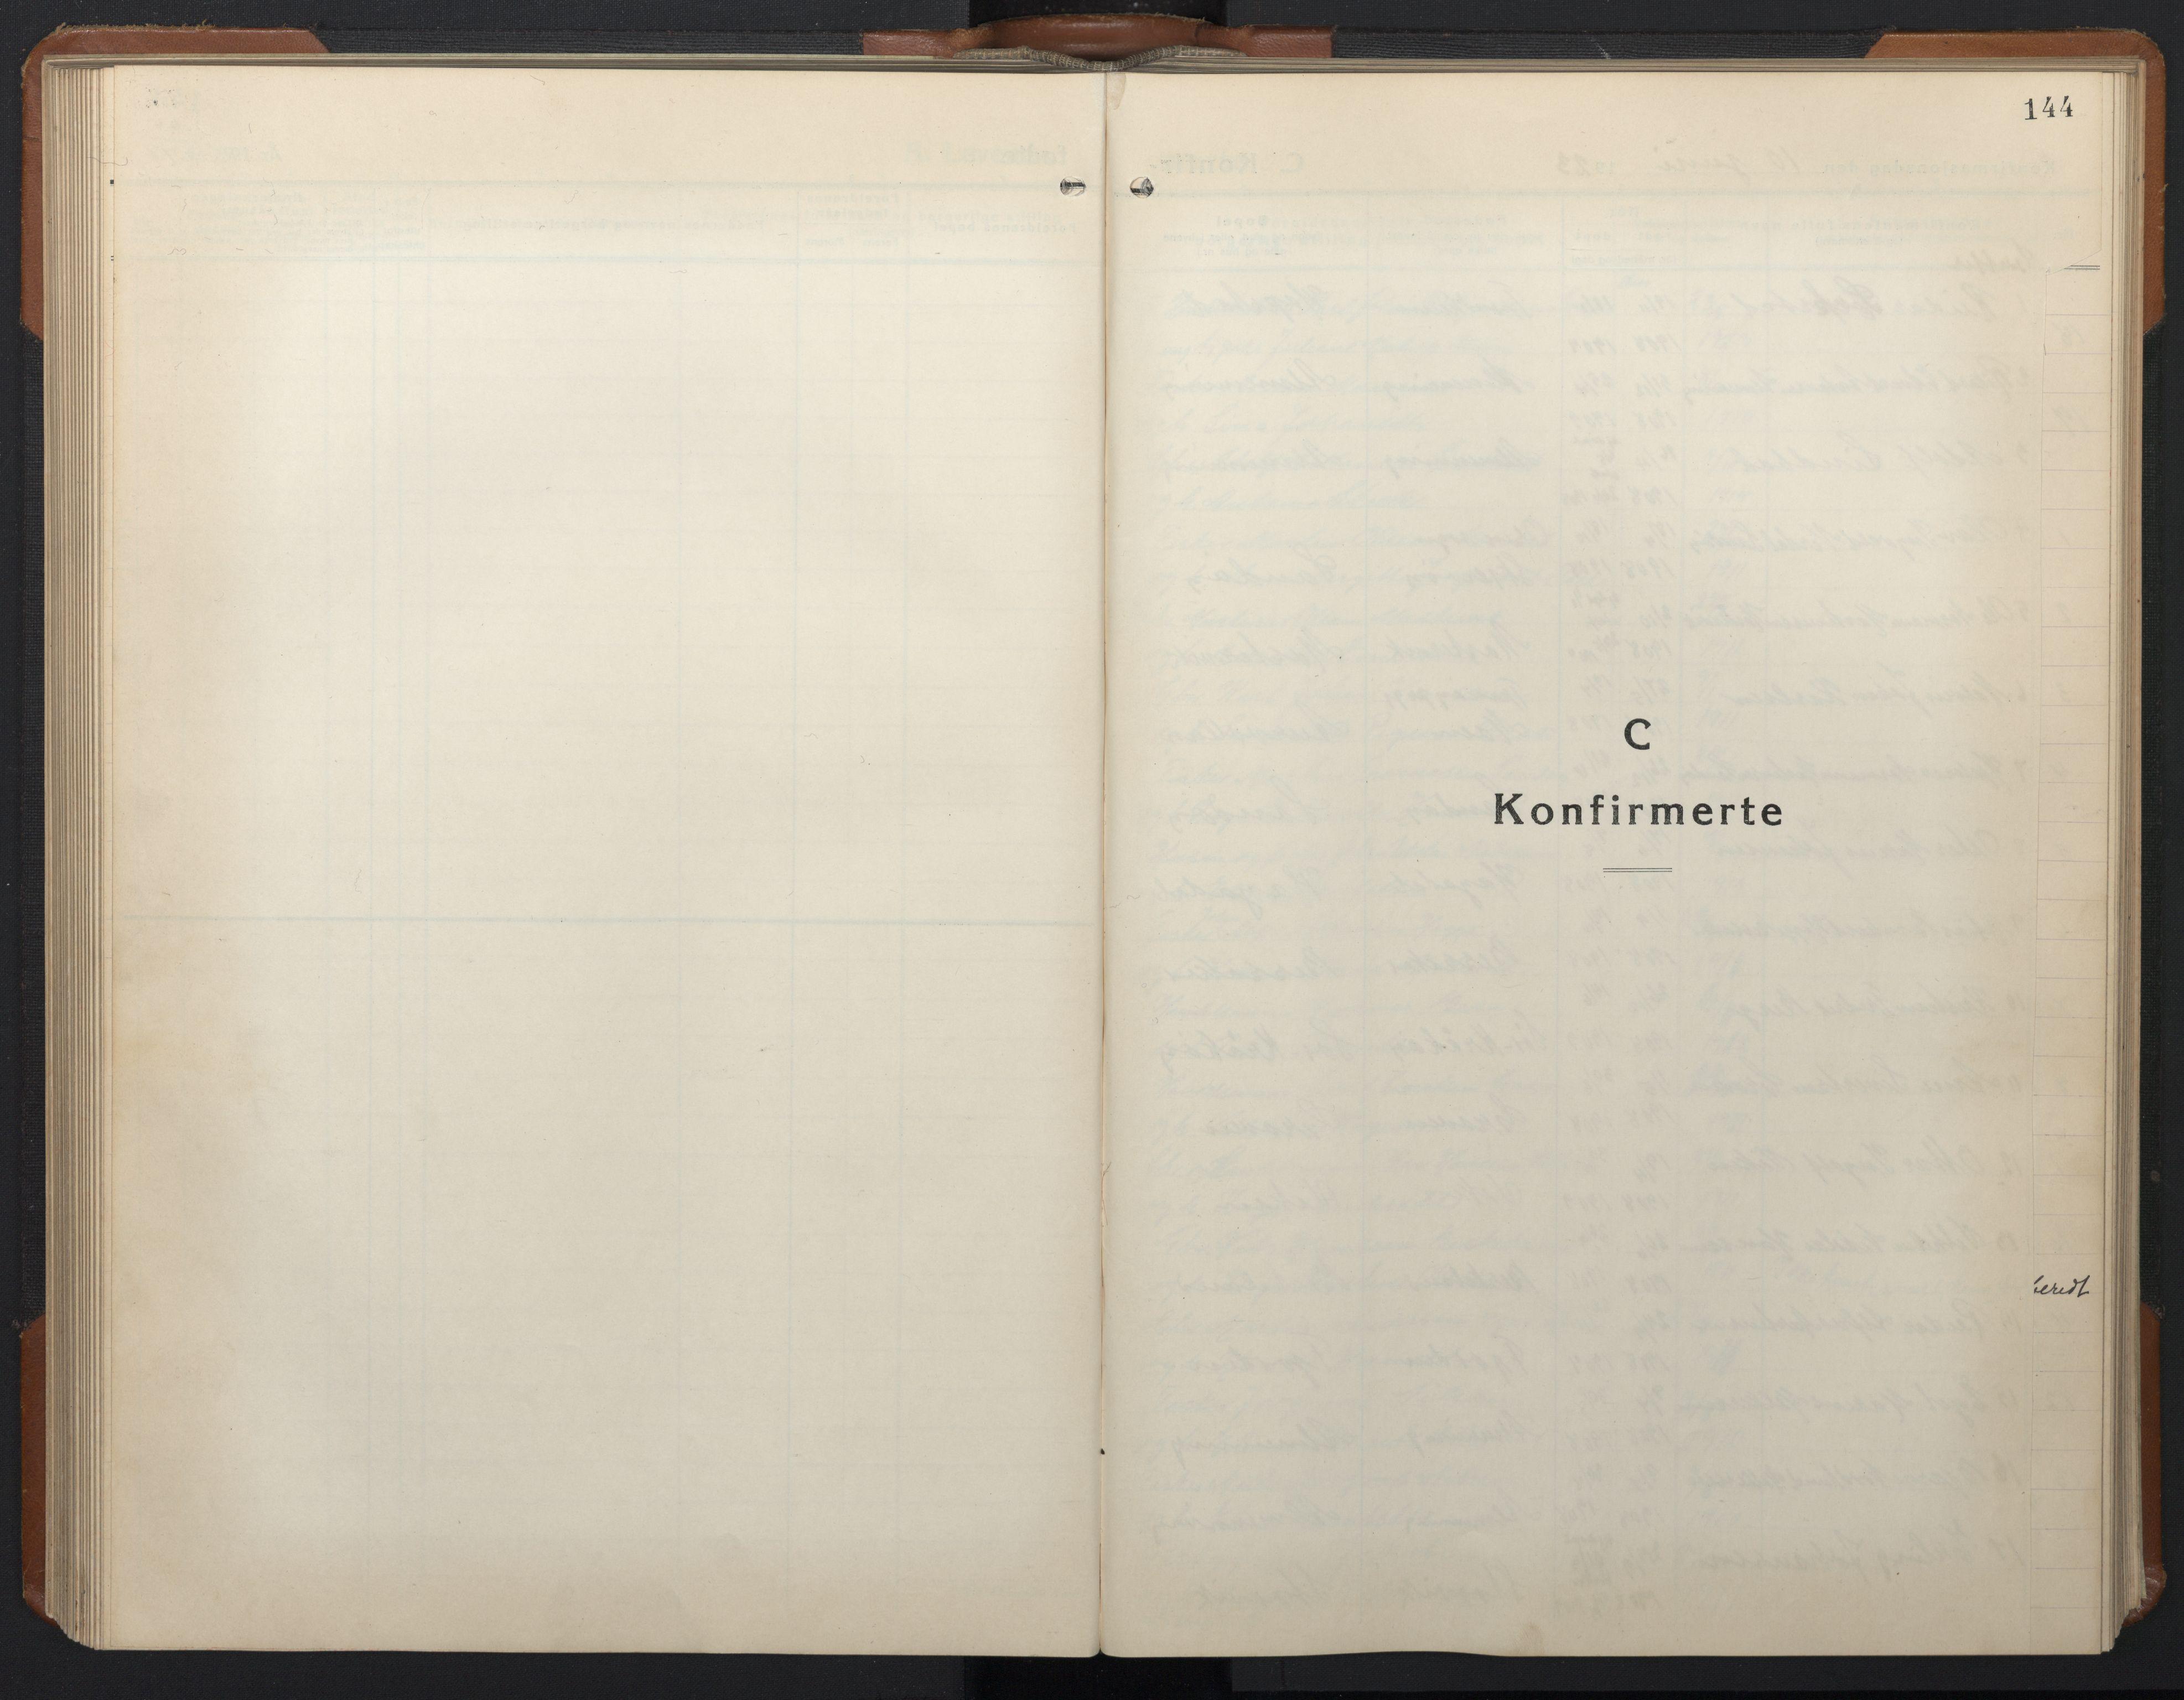 SAT, Ministerialprotokoller, klokkerbøker og fødselsregistre - Sør-Trøndelag, 657/L0718: Klokkerbok nr. 657C05, 1923-1948, s. 144